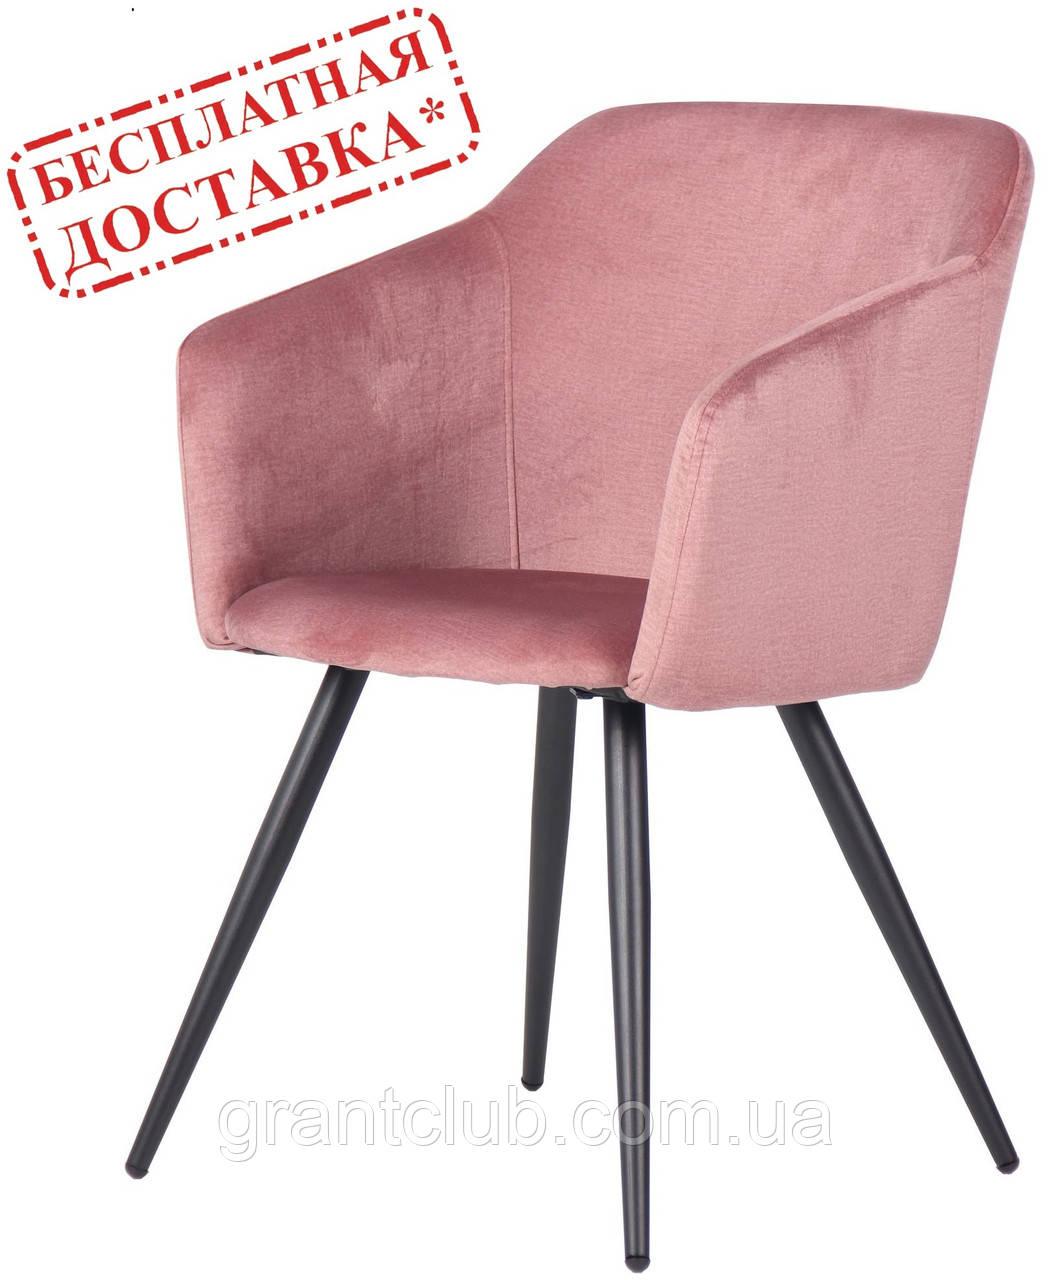 Крісло LYNETTE велюр рожевий AMF (безкоштовна адресна доставка)